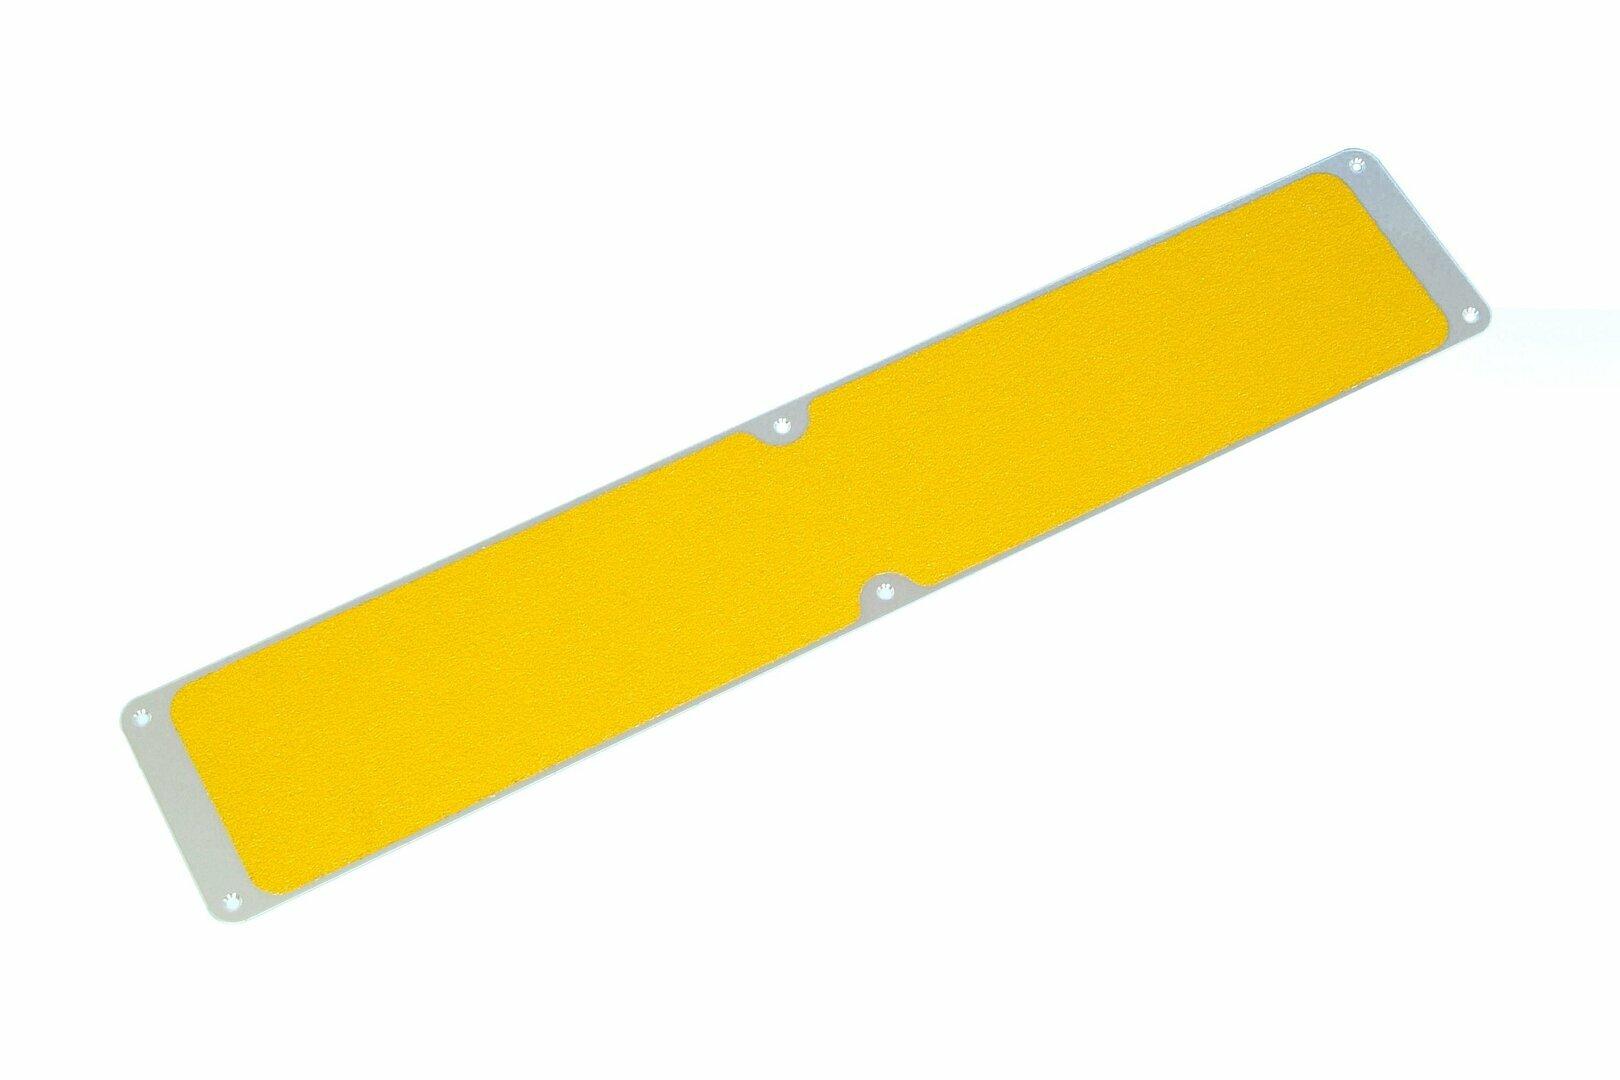 Žlutý hliníkový protiskluzový nášlap na schody FLOMA Bolt Down Plate - délka 63,5 cm a šířka 11,5 cm